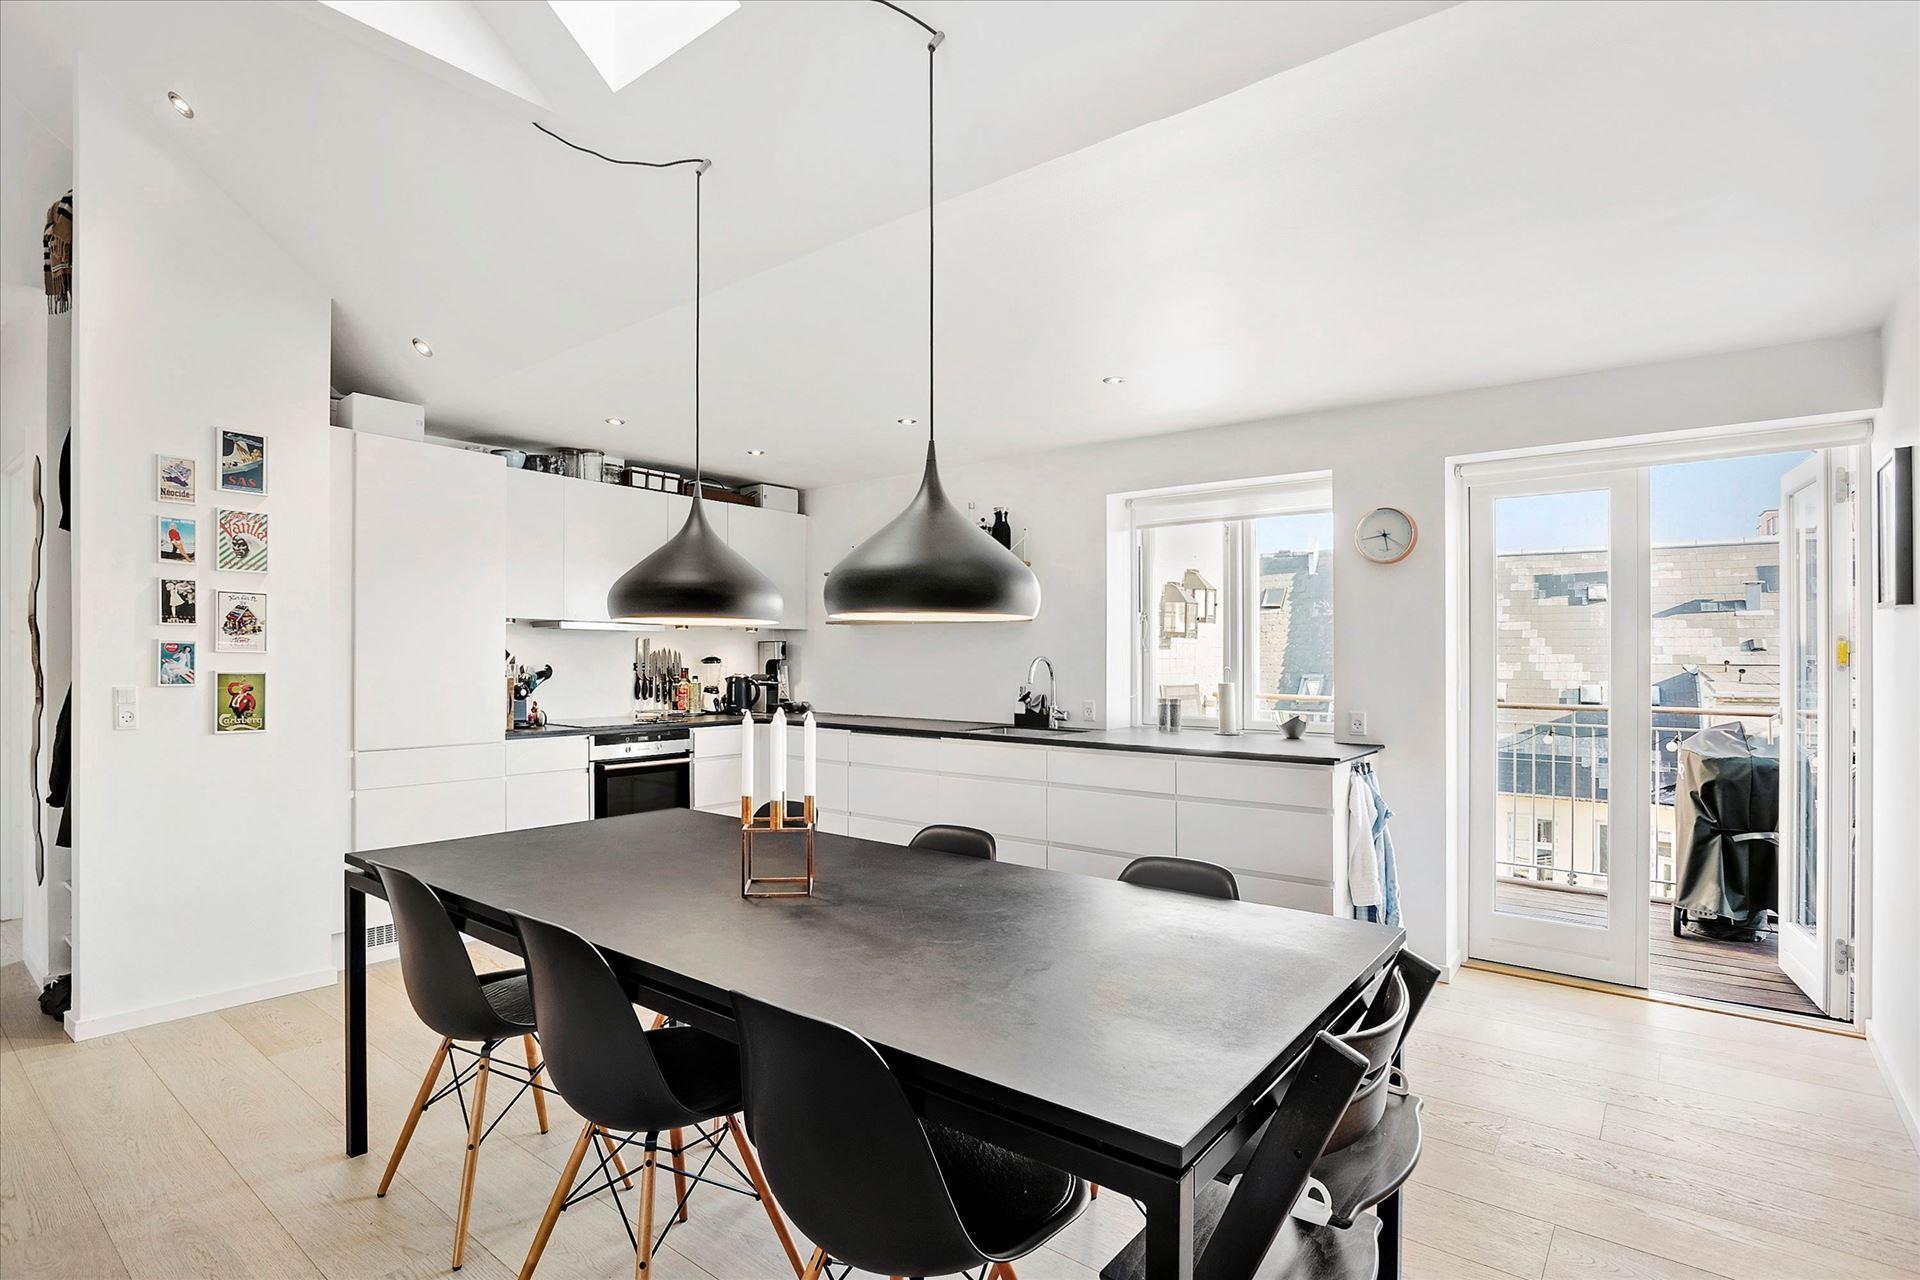 Korsørgade 44, 5. tv., 2100 København Ø